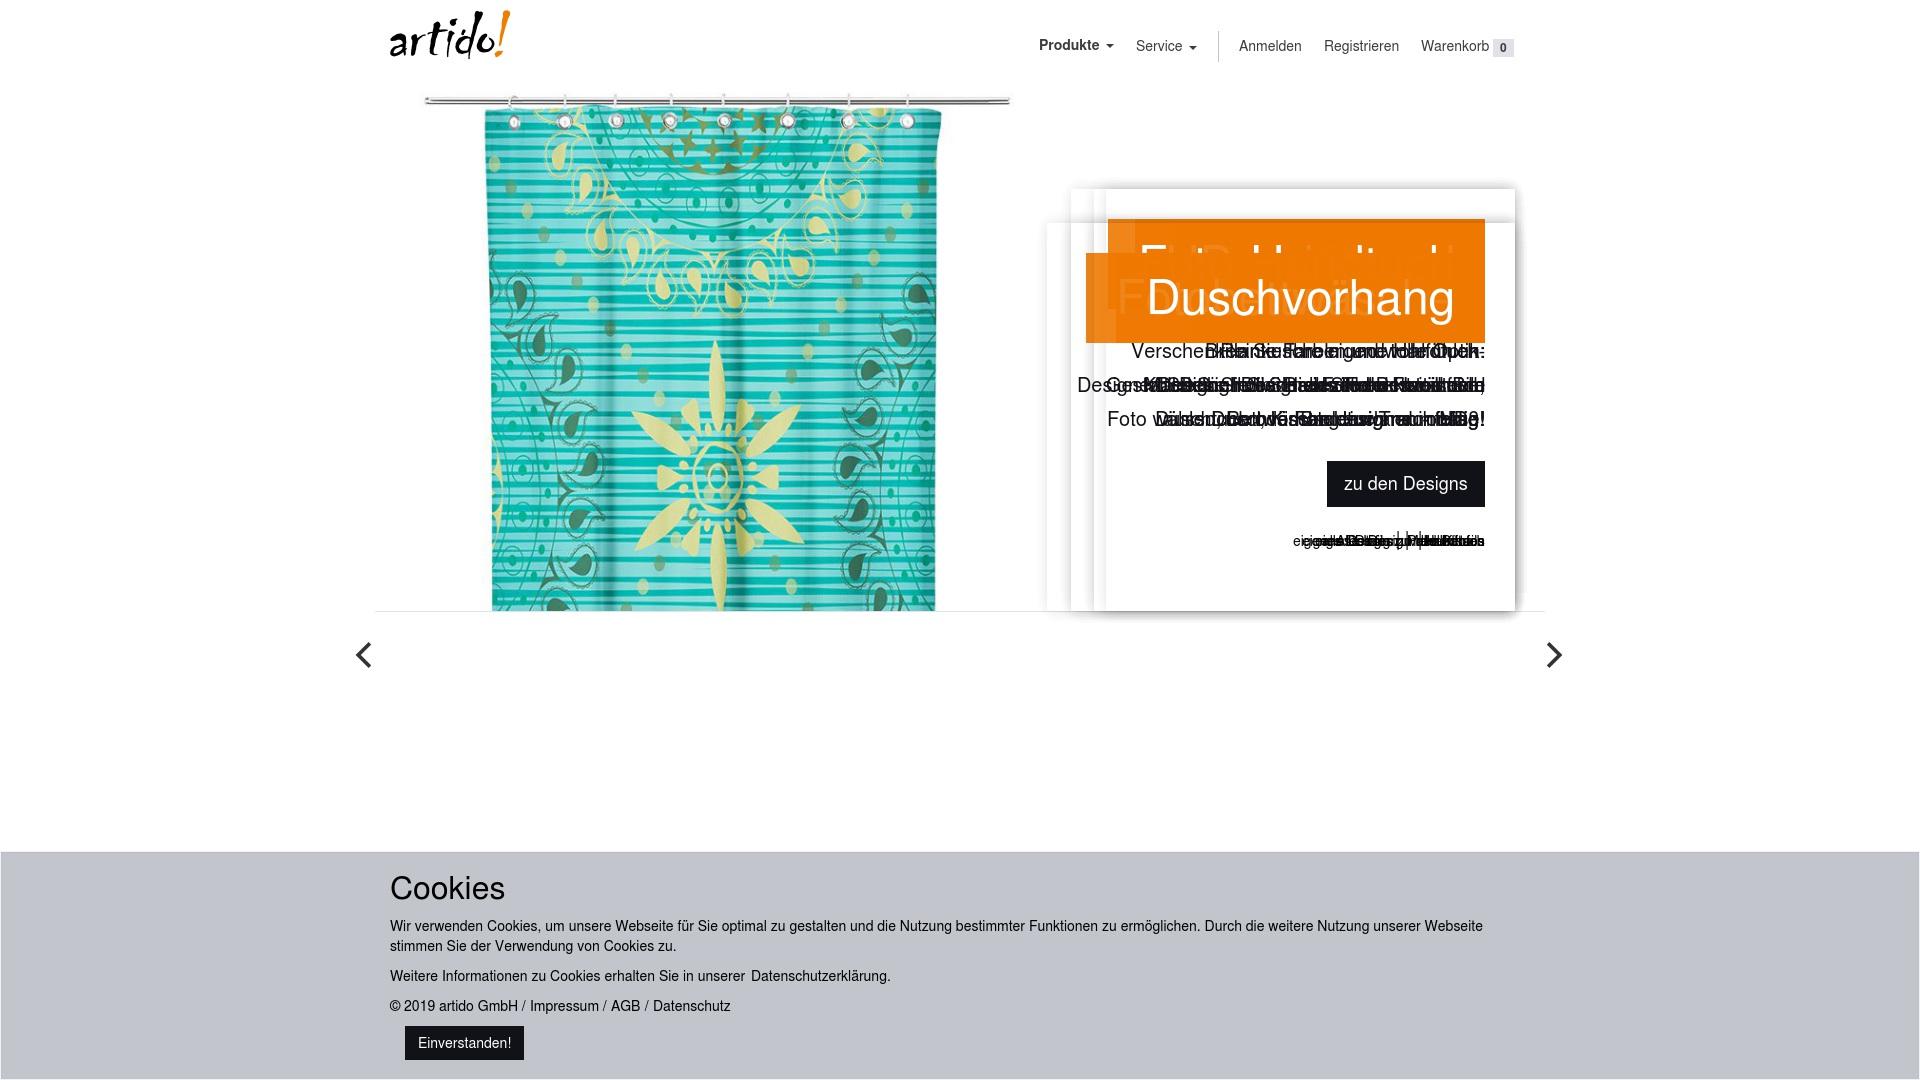 Gutschein für Artido: Rabatte für  Artido sichern